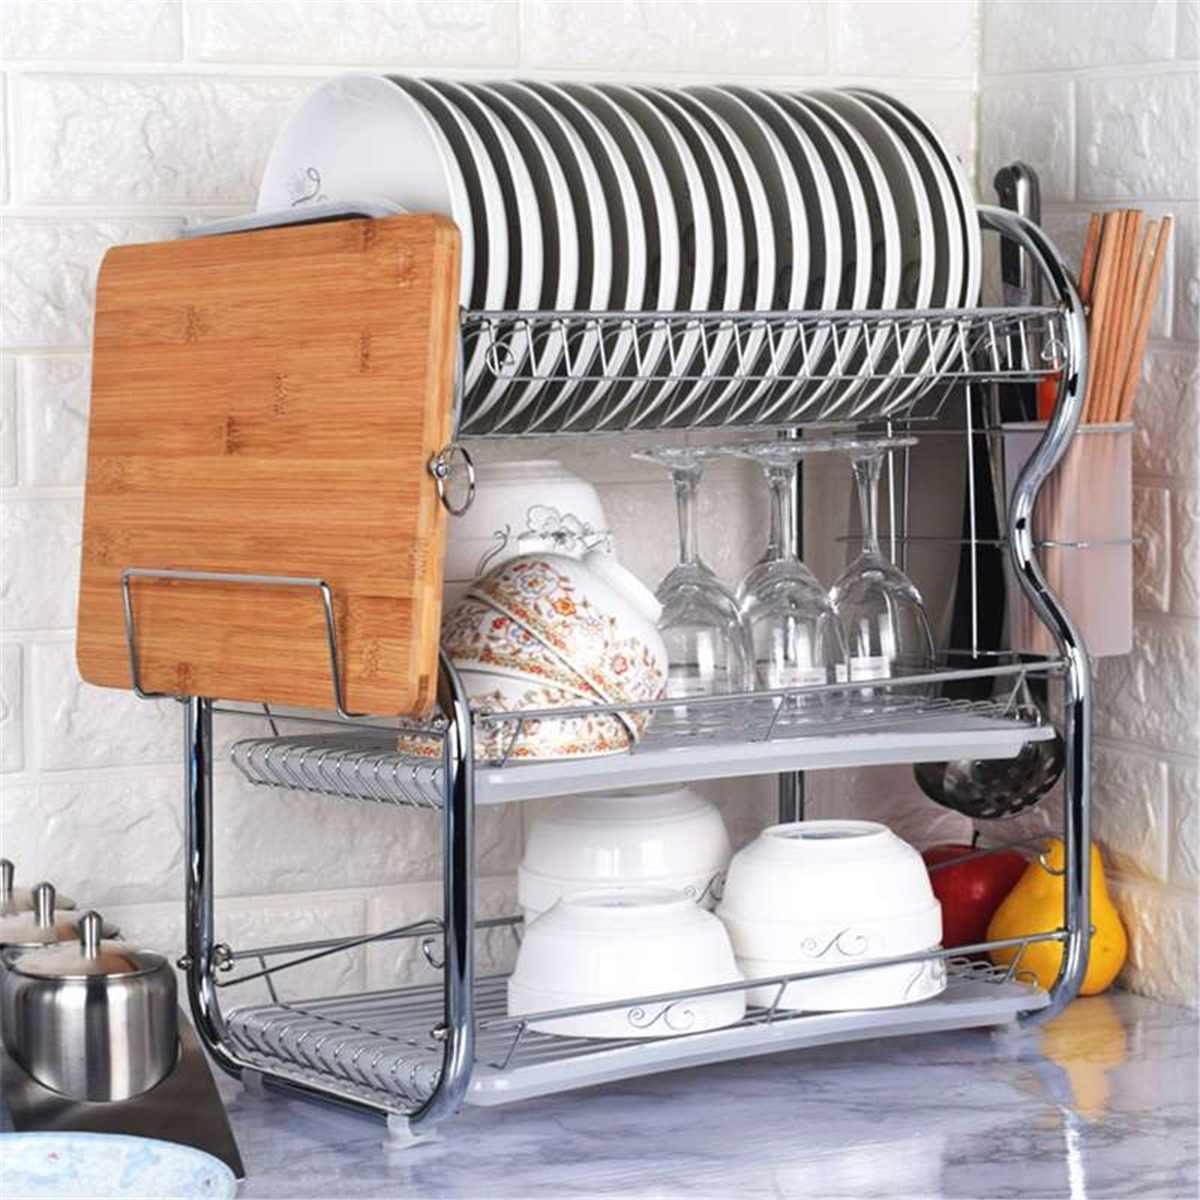 3 capas de acero inoxidable soporte de cubertería estante cubiertos plato de cocina en estante de almacenamiento drenaje almacenamiento estante de cuchillo nuevo